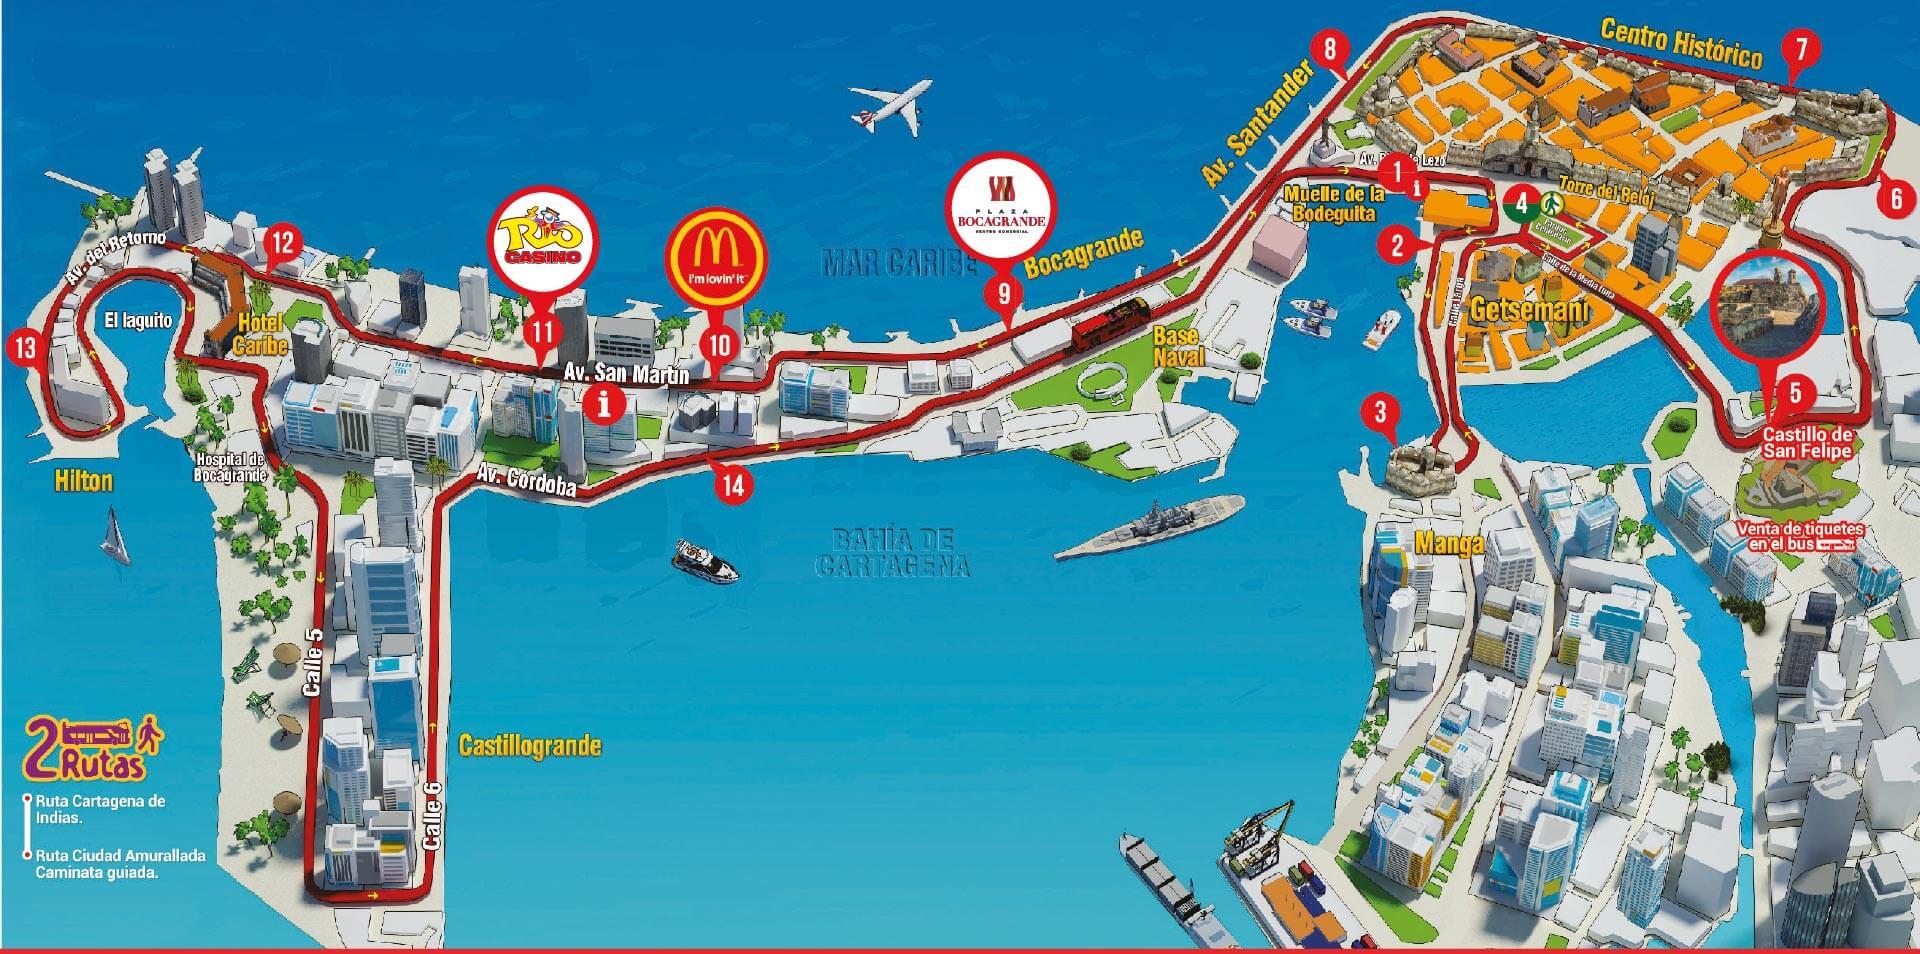 Rota do ônibus turístico de Cartagena